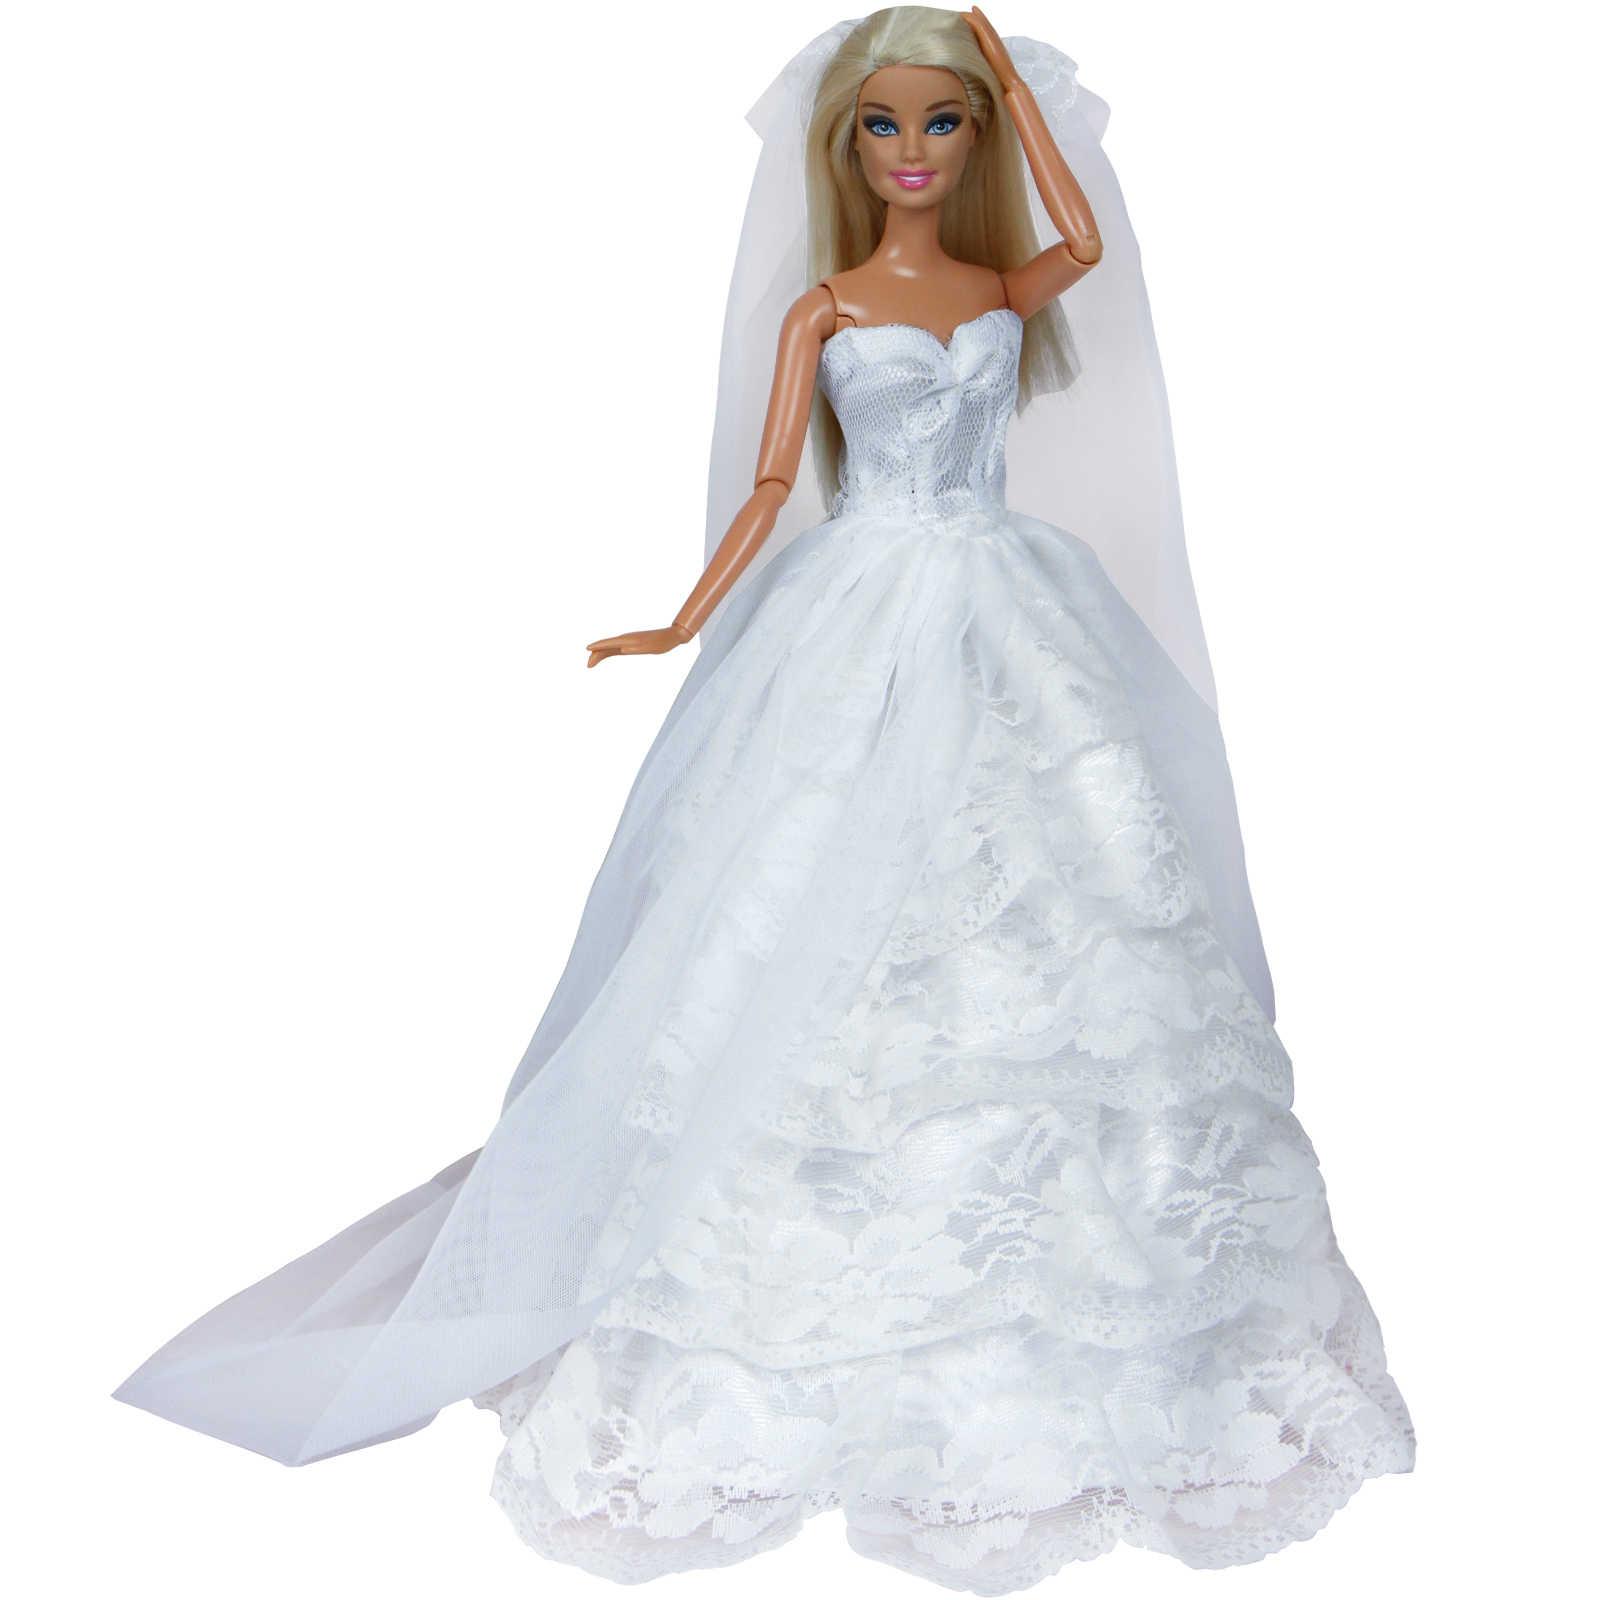 Свадебное платье ручной работы принцесса Вечеринка бальное длинное платье юбка Свадебная одёжная вуаль для куклы Барби аксессуары Рождество DIY игрушка